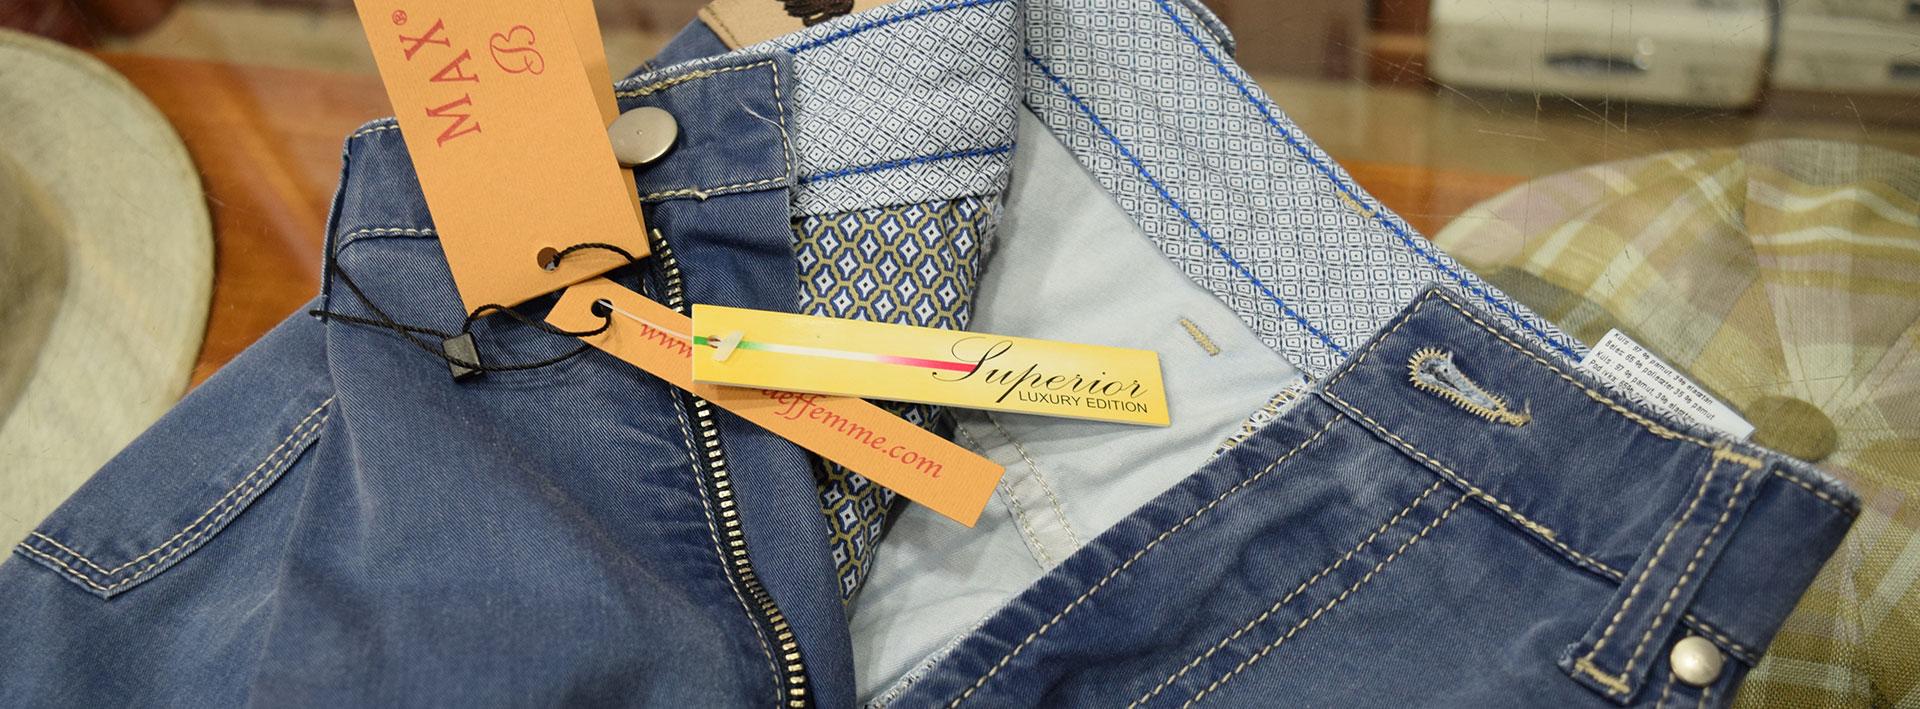 Pantaloni uomo estivi. pantaloni uomo estivi velletri roma il camiciaio b658328539c